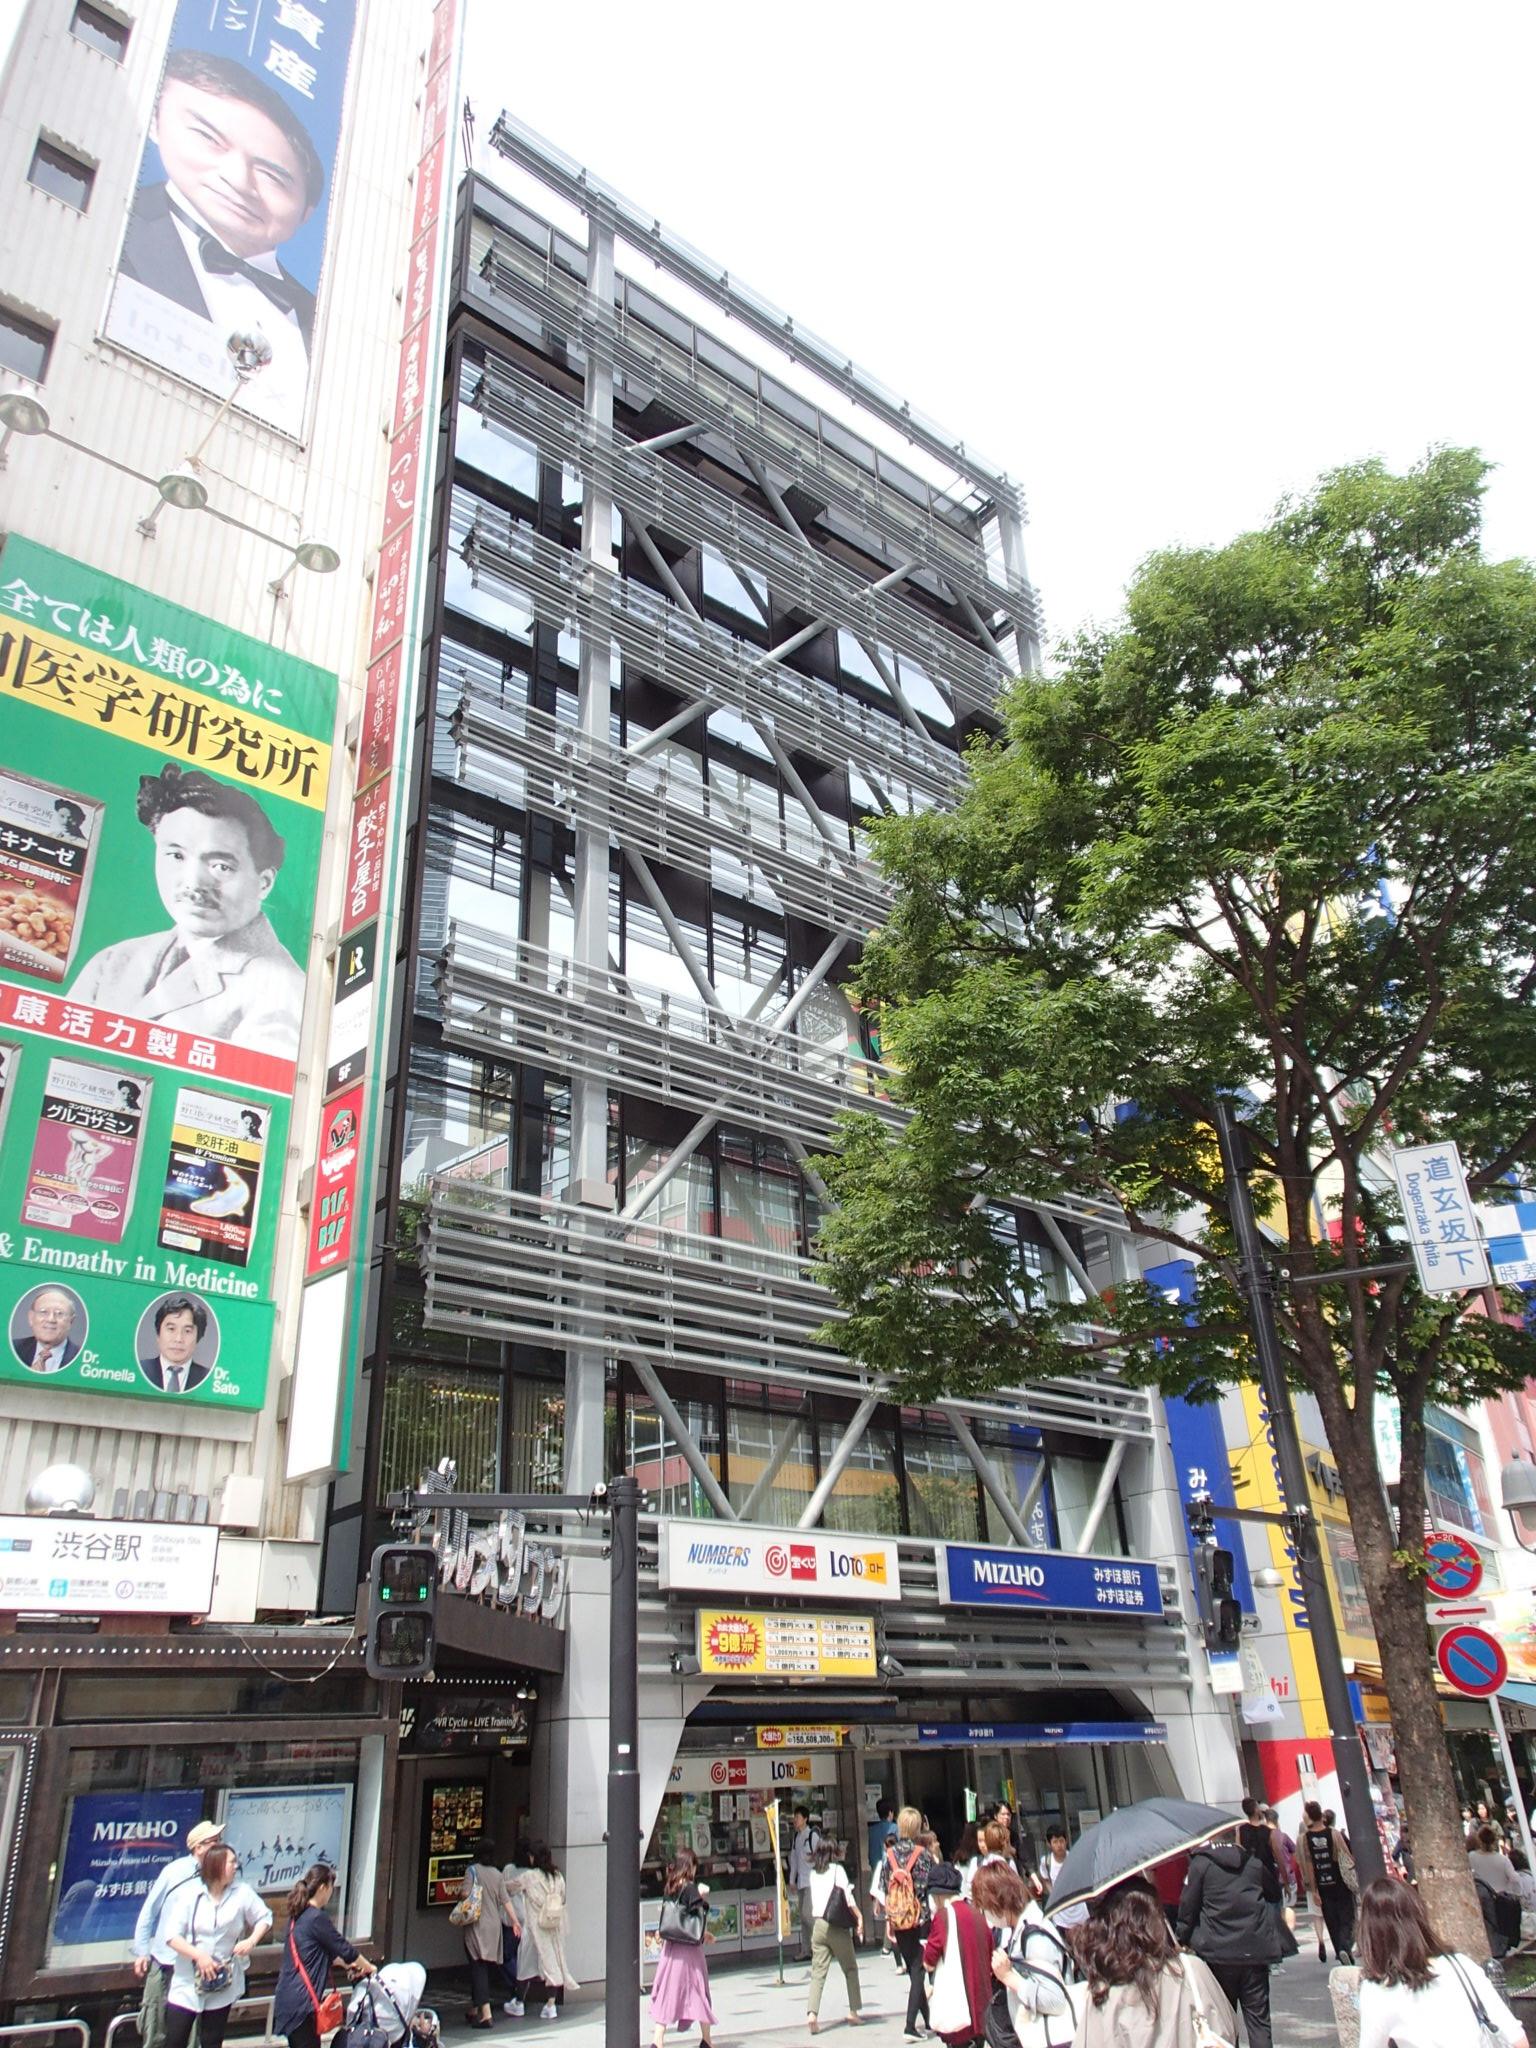 渋谷第一勧銀共同ビル、東京都渋谷区宇田川町23-3、渋谷駅 徒歩3分